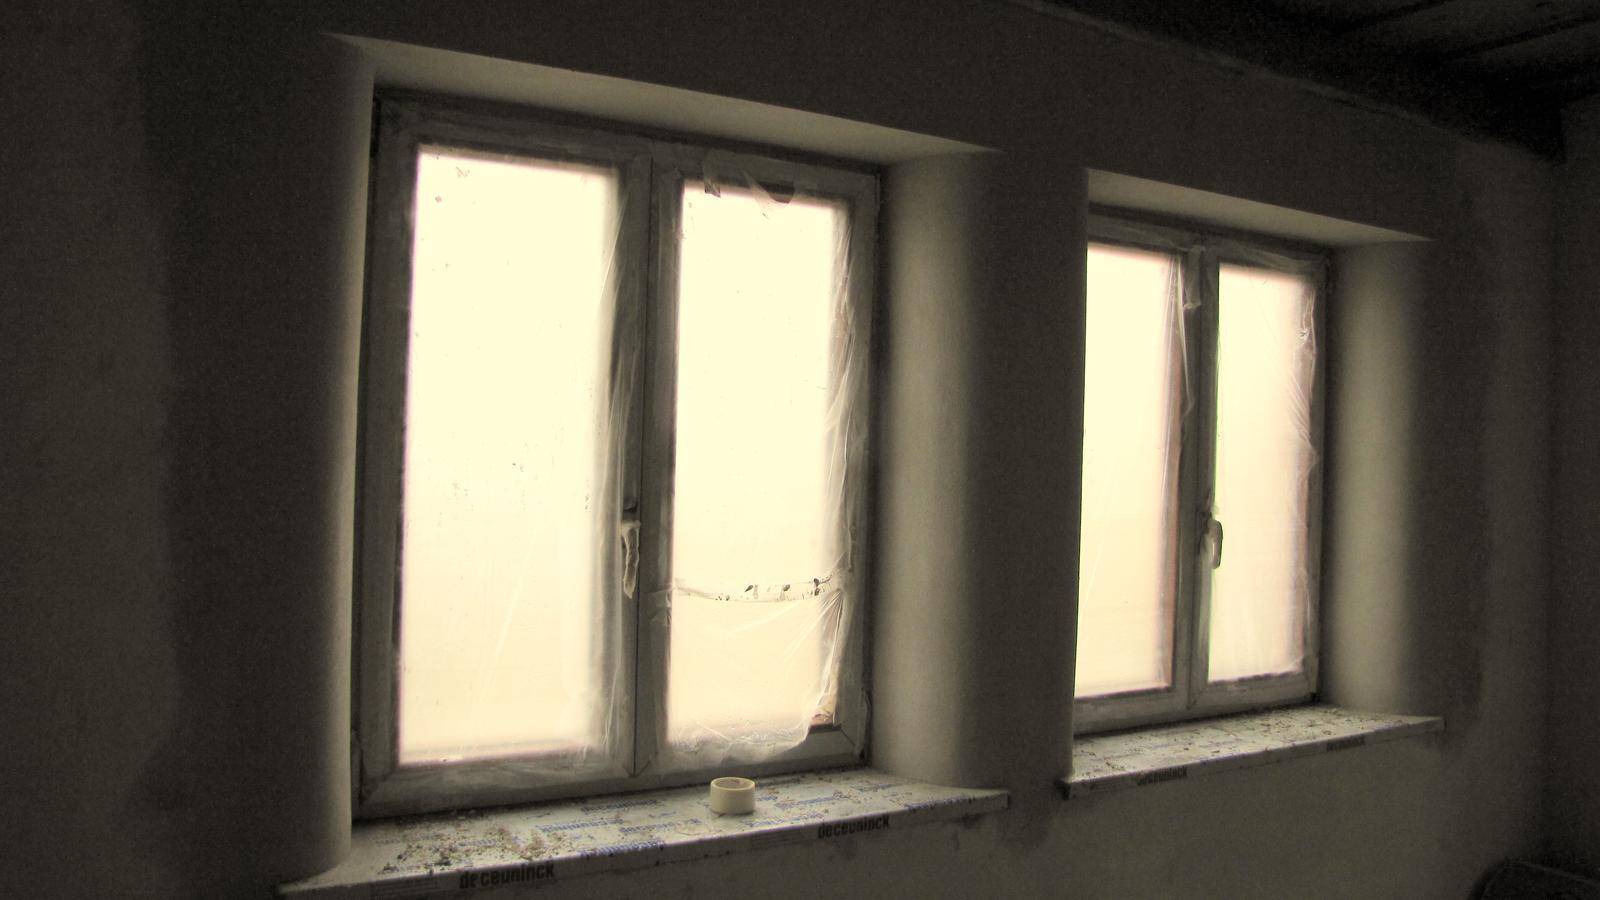 Rekonštrukcia starého domčeka - Okná do ulice .To ešte nieje finálna podoba.